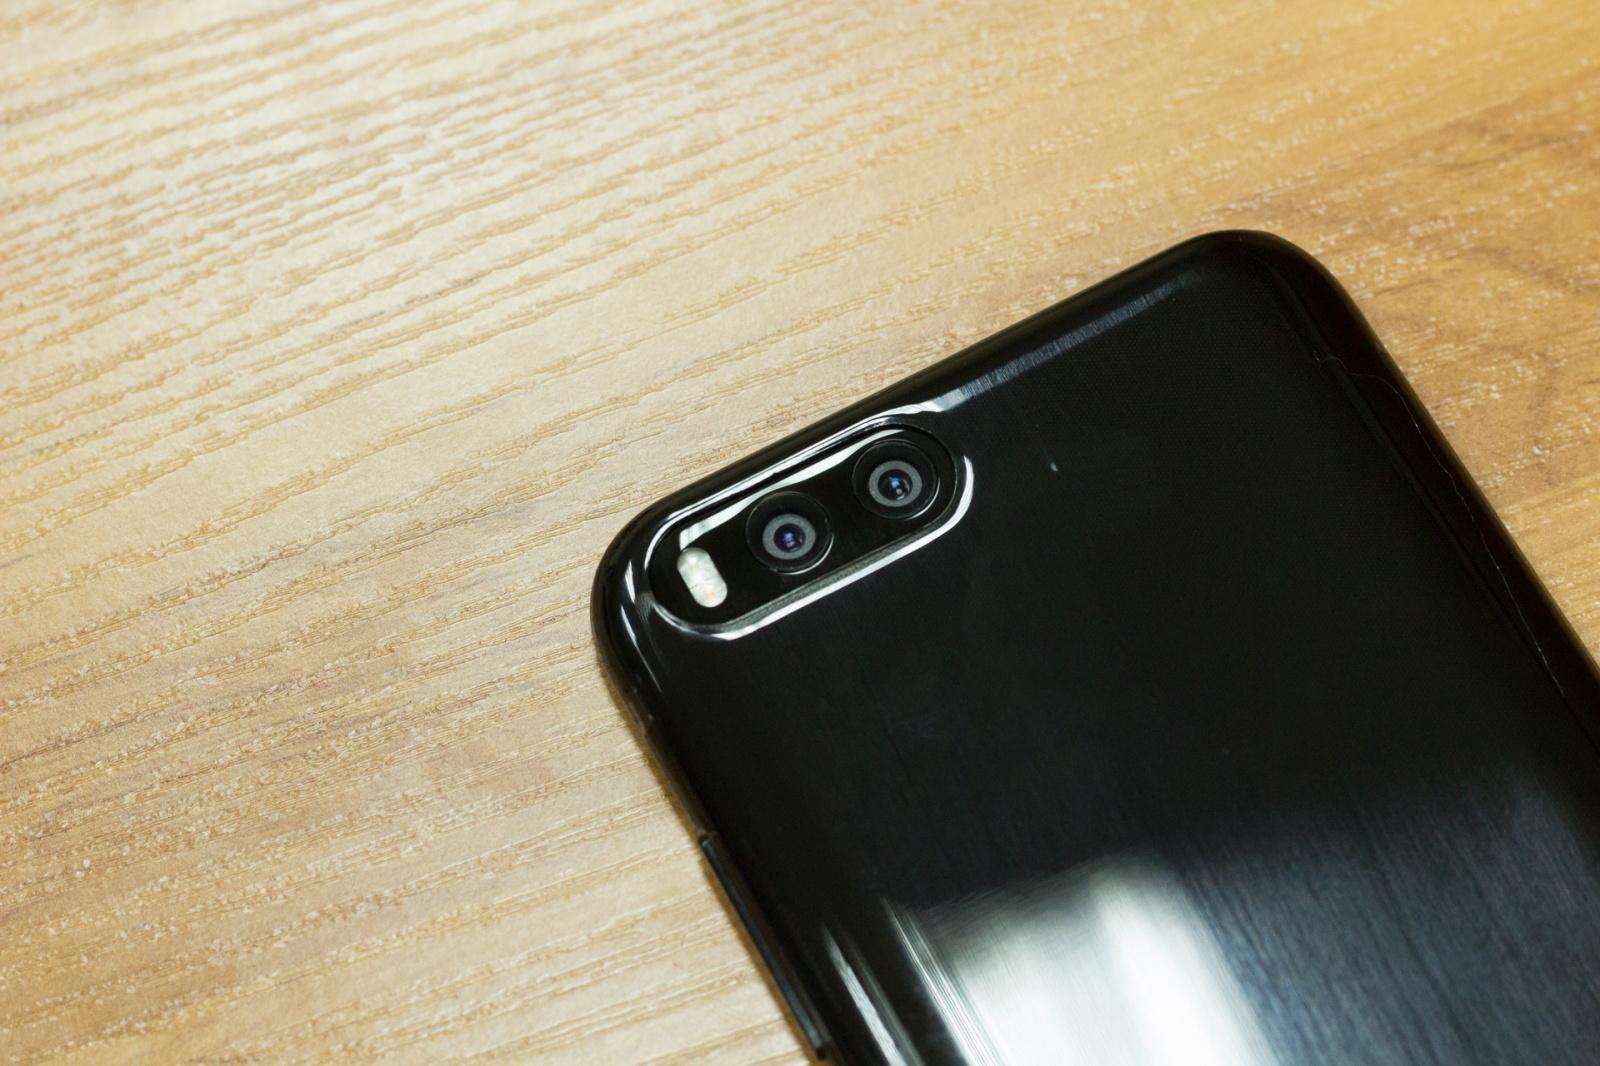 Обзор Xiaomi Mi6. Настоящий флагман за полцены, и при этом не совсем лопата - 15